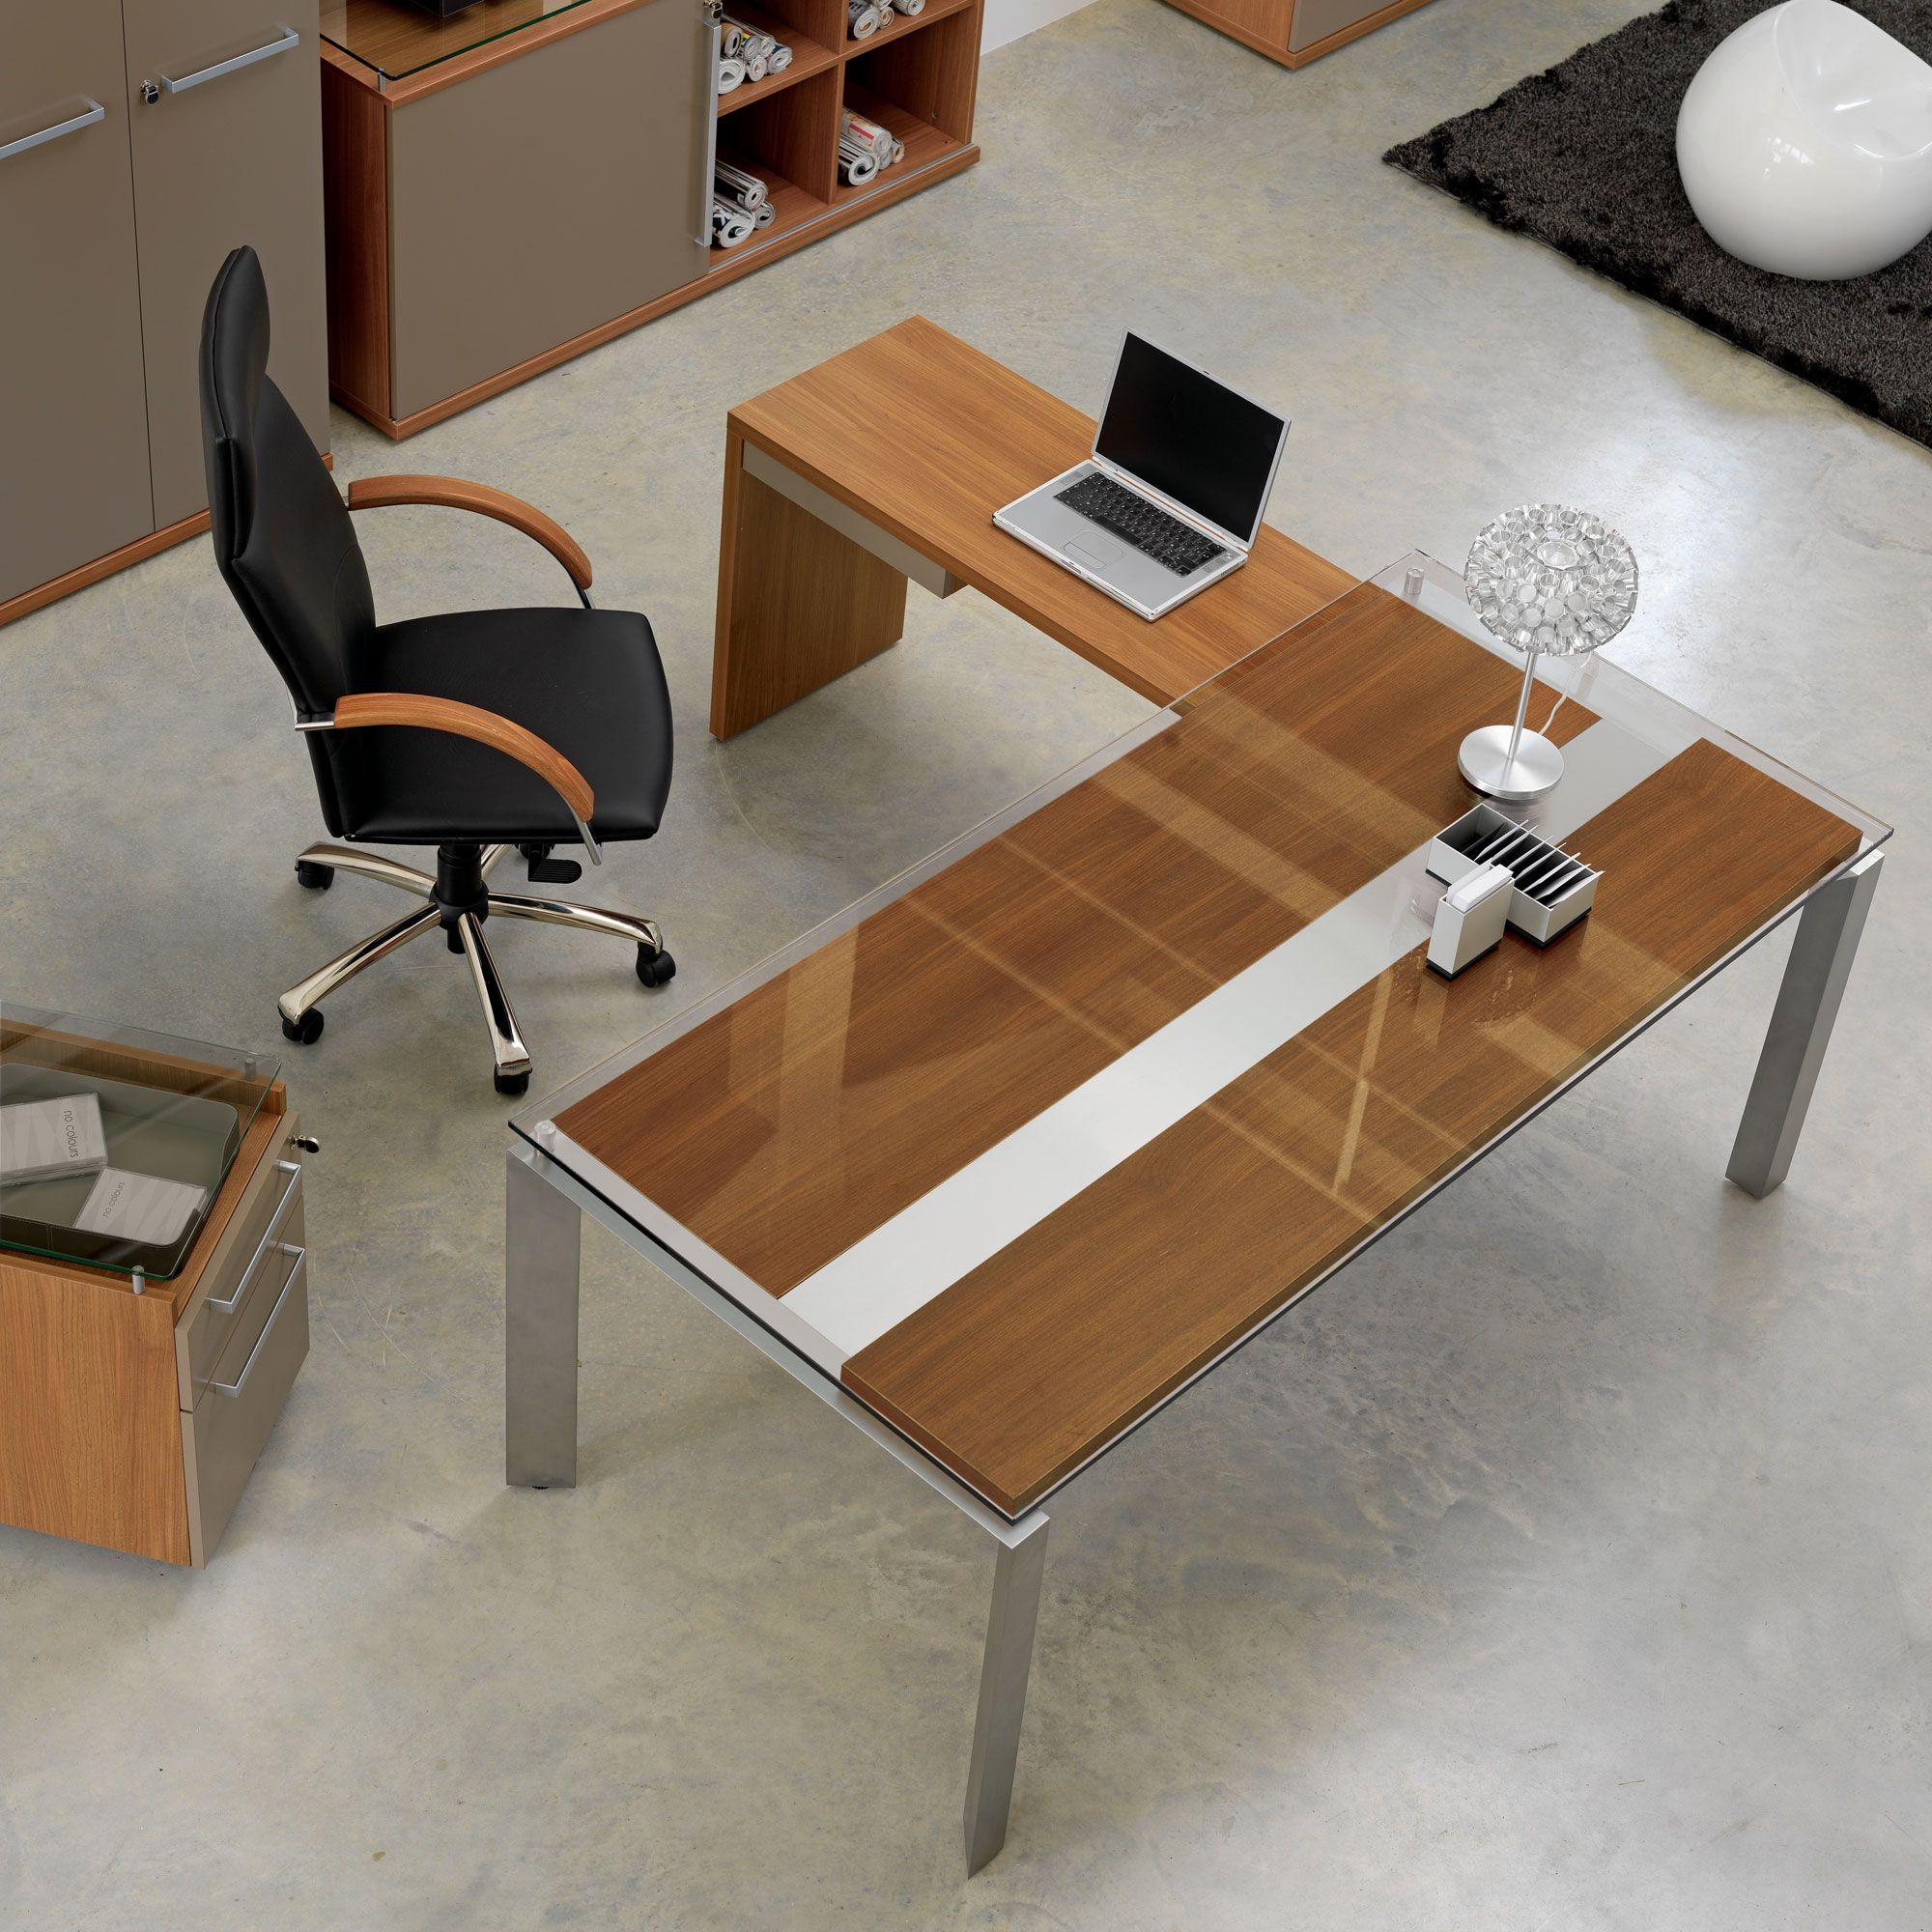 Bureau d 39 angle en bois m tal et verre gautier office - Mobilier de bureau montpellier ...